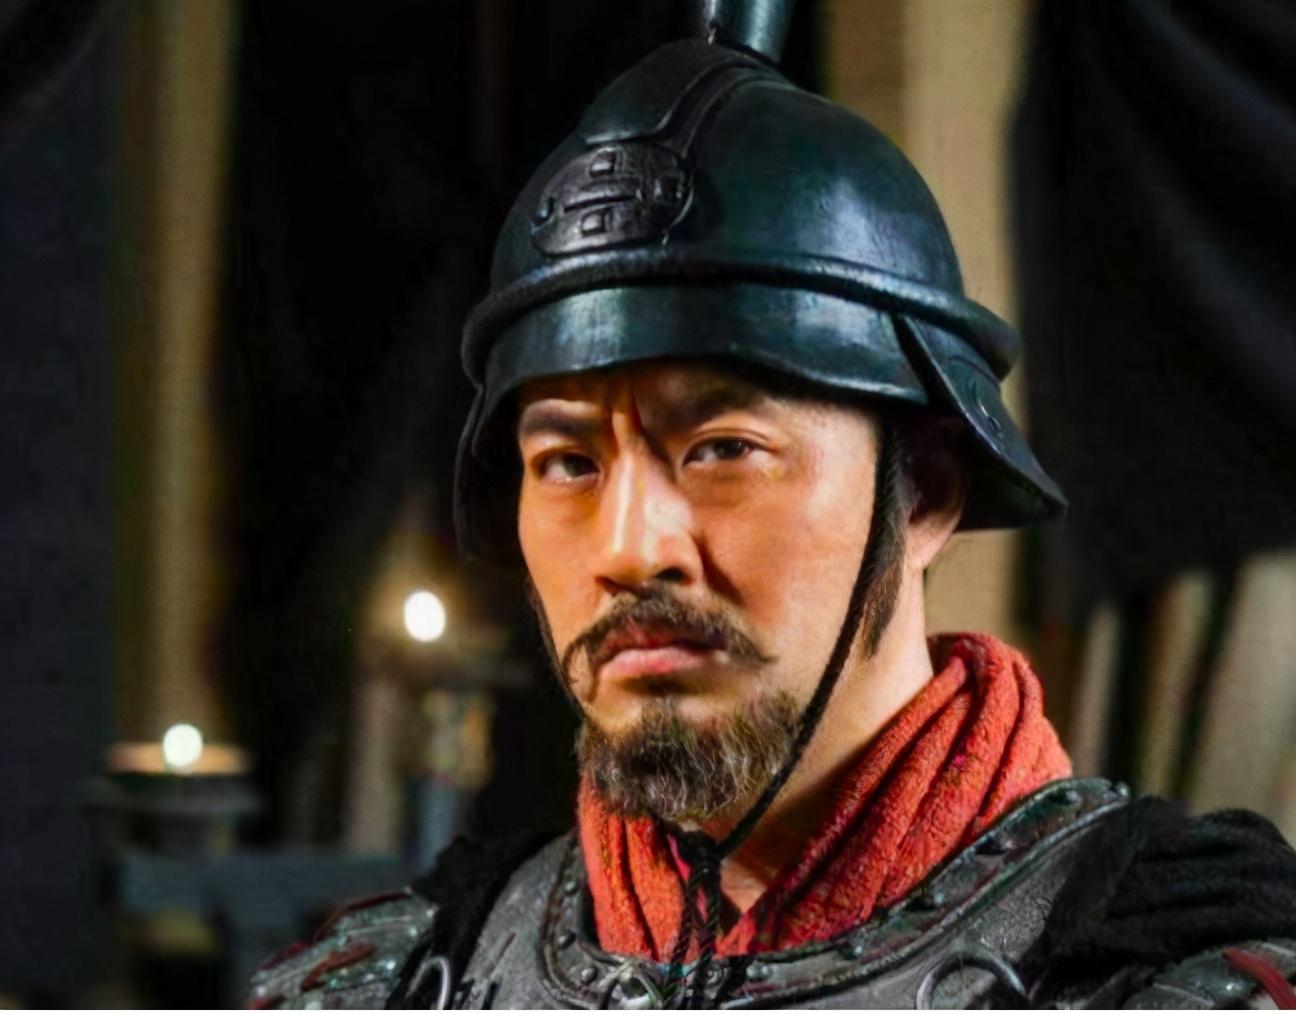 乱世宦官张承业,死后被追赠为左武卫上将军,赐谥贞宪